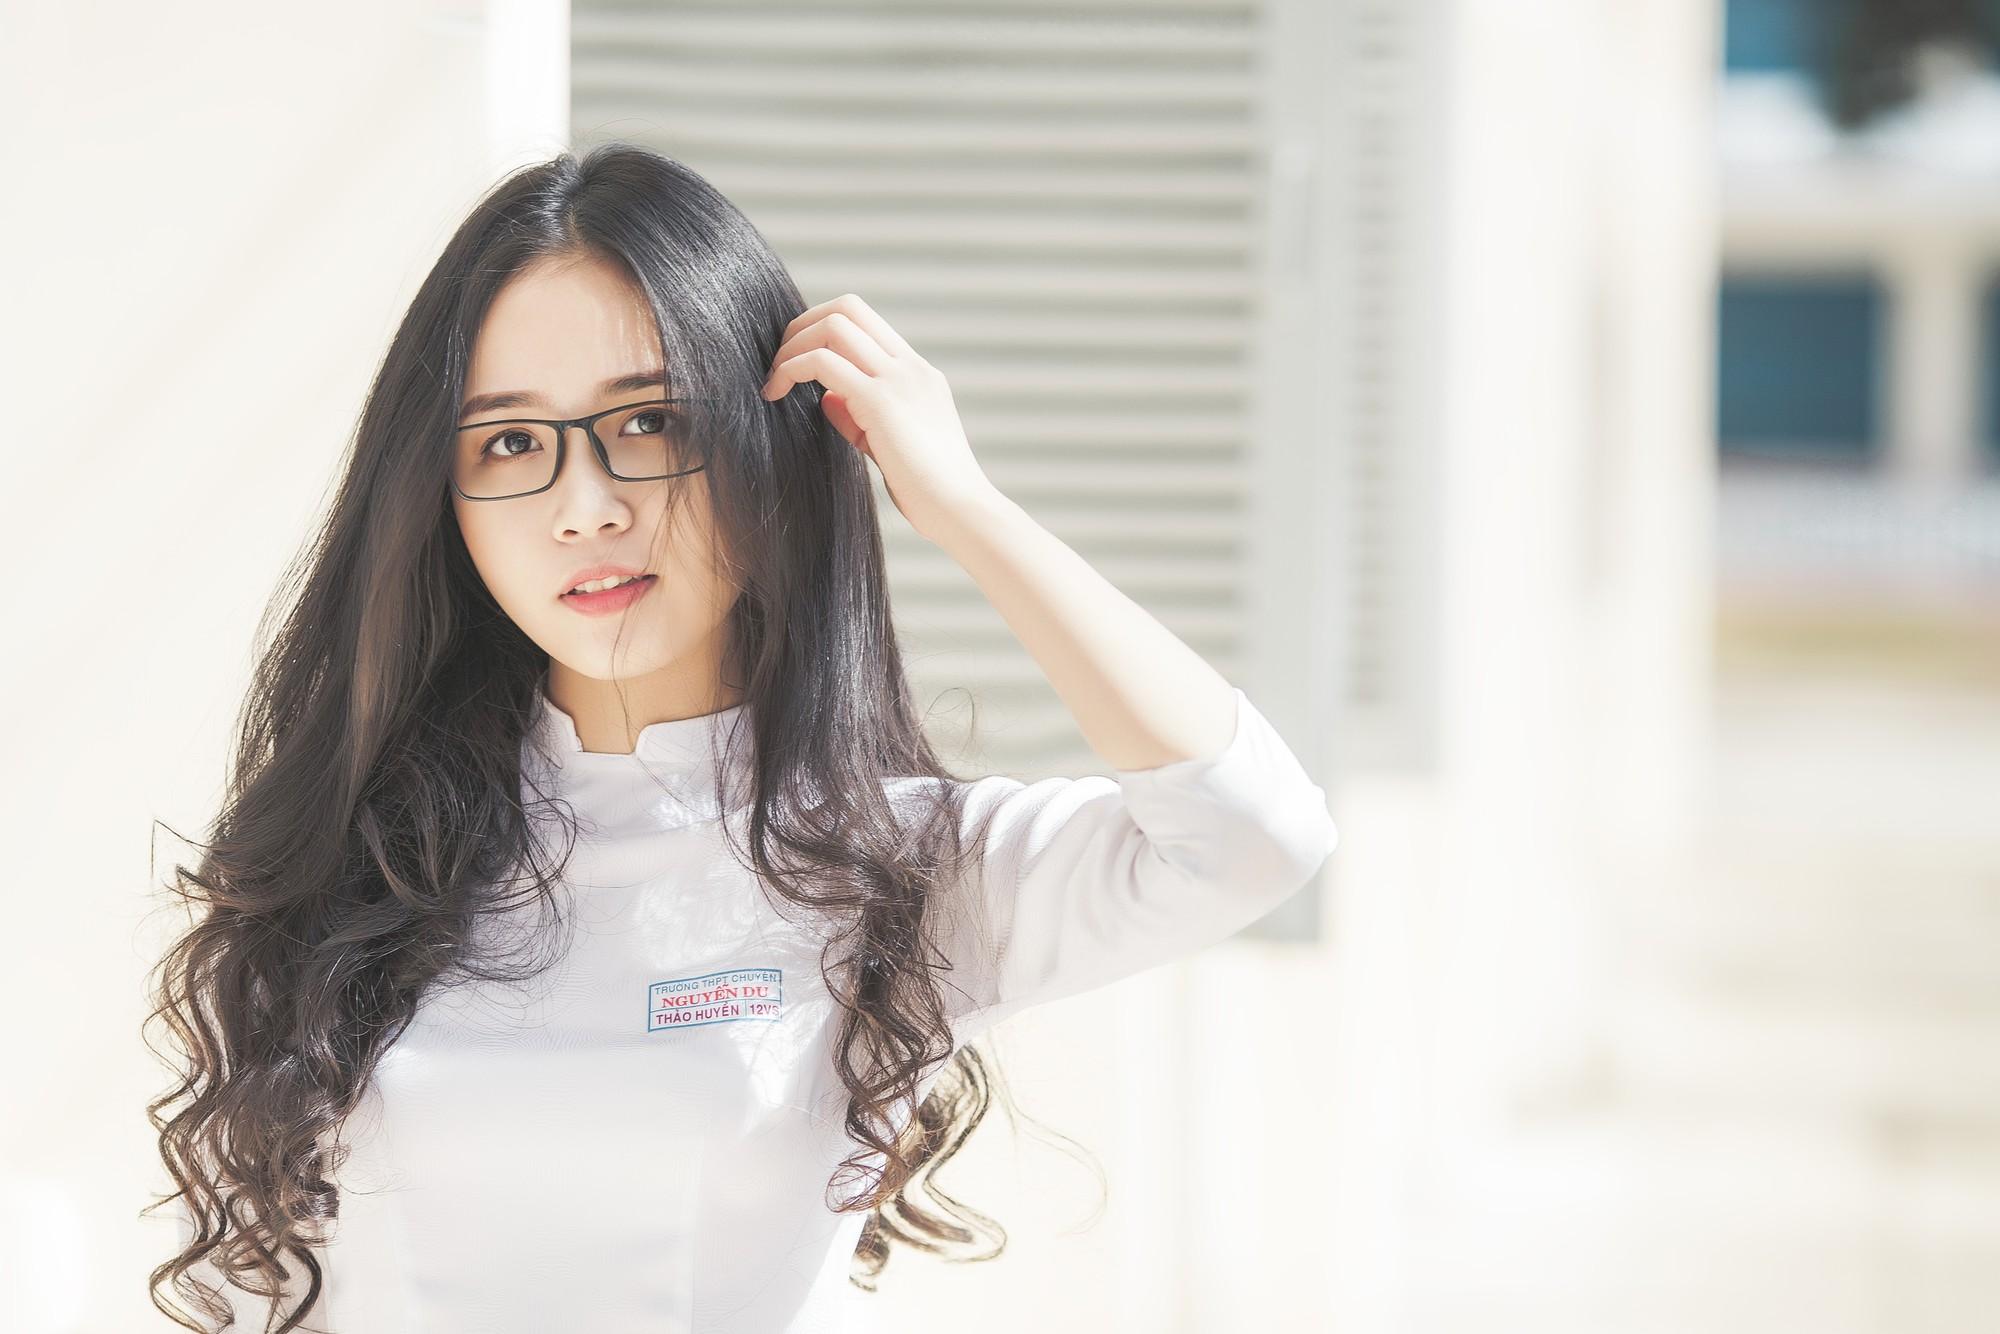 Không thể rời mắt trước bộ hình áo dài quá xinh của nữ sinh 2000 đến từ Đắk Lắk - Ảnh 10.